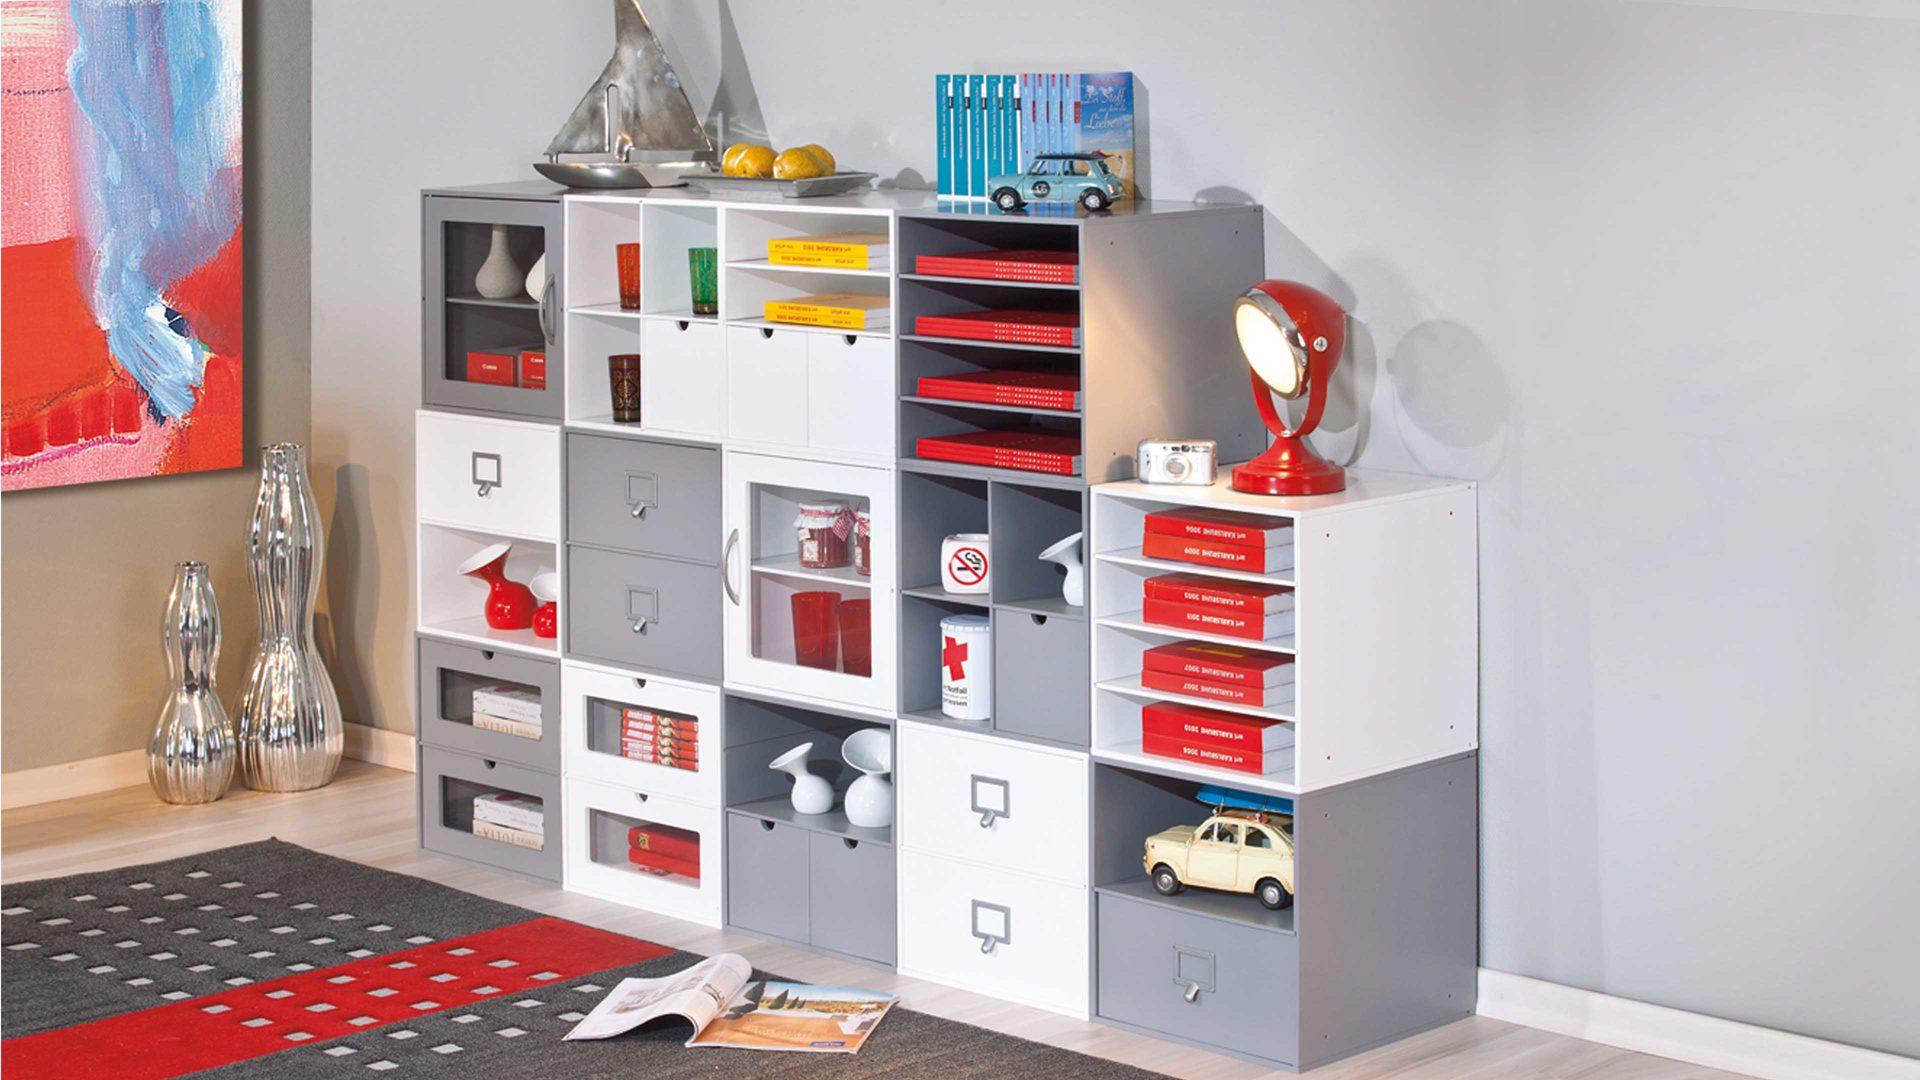 Großzügig Ordnungsbox Kinderzimmer Bilder - Die Besten Wohnideen ...